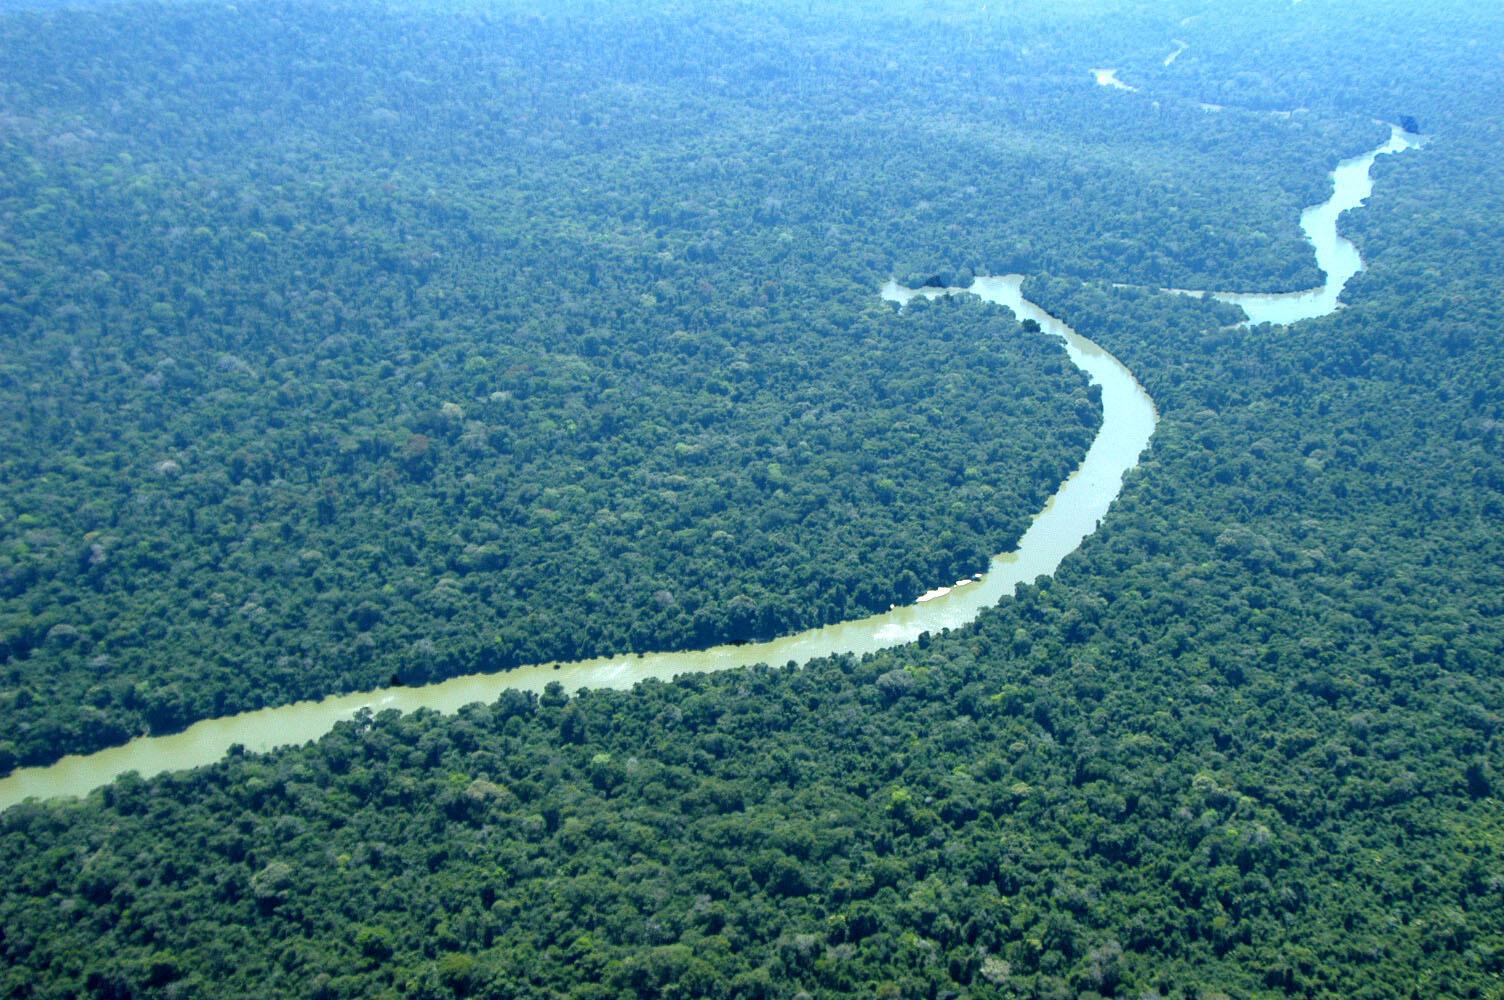 Especialistas destacam que o Brasil poderia ser uma potência ambiental do século XXI se protegesse melhor suas florestas